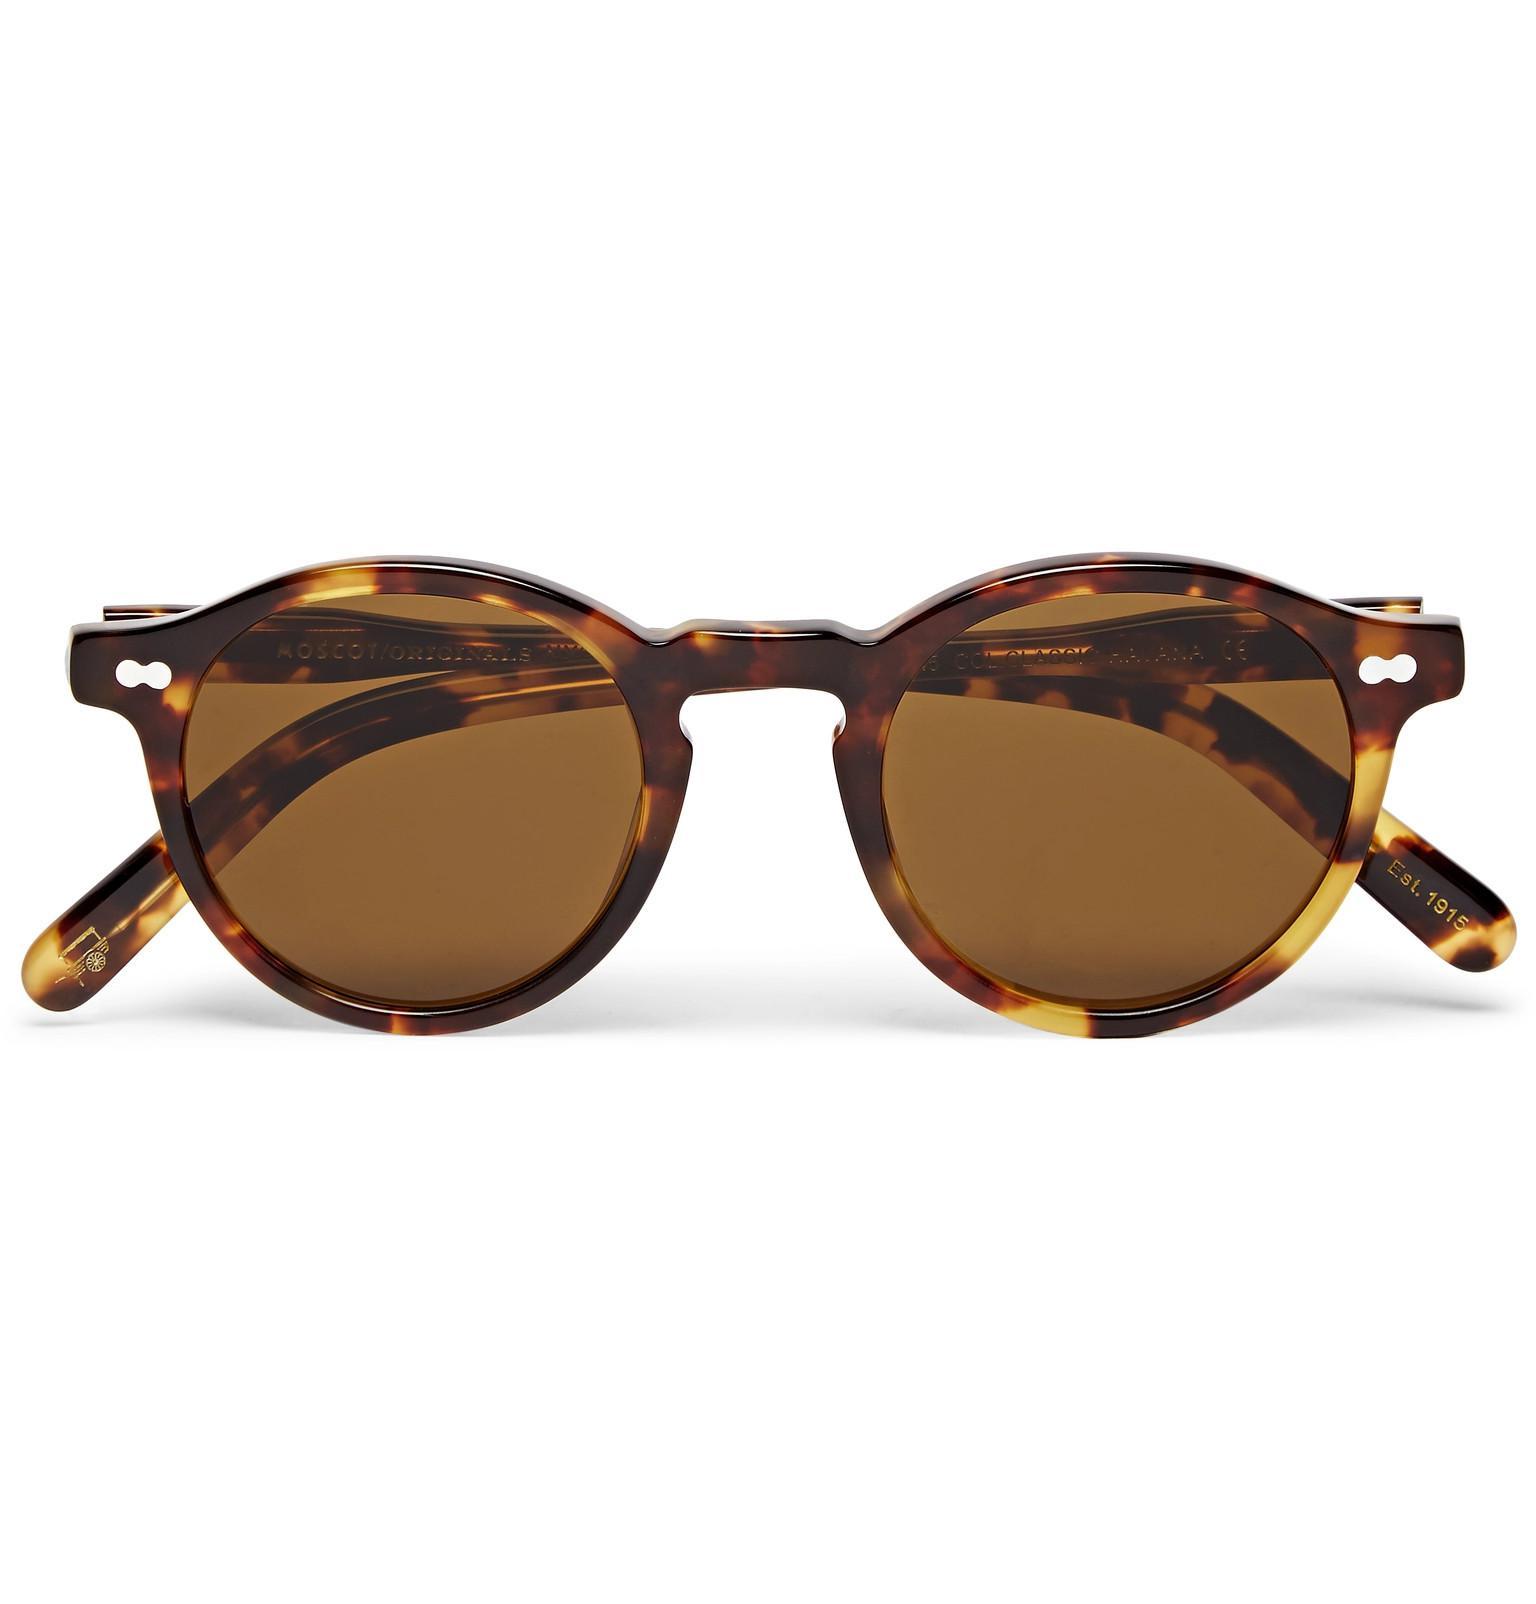 c2f6543094 Moscot. Men s Brown Miltzen Round-frame Tortoiseshell Acetate Sunglasses